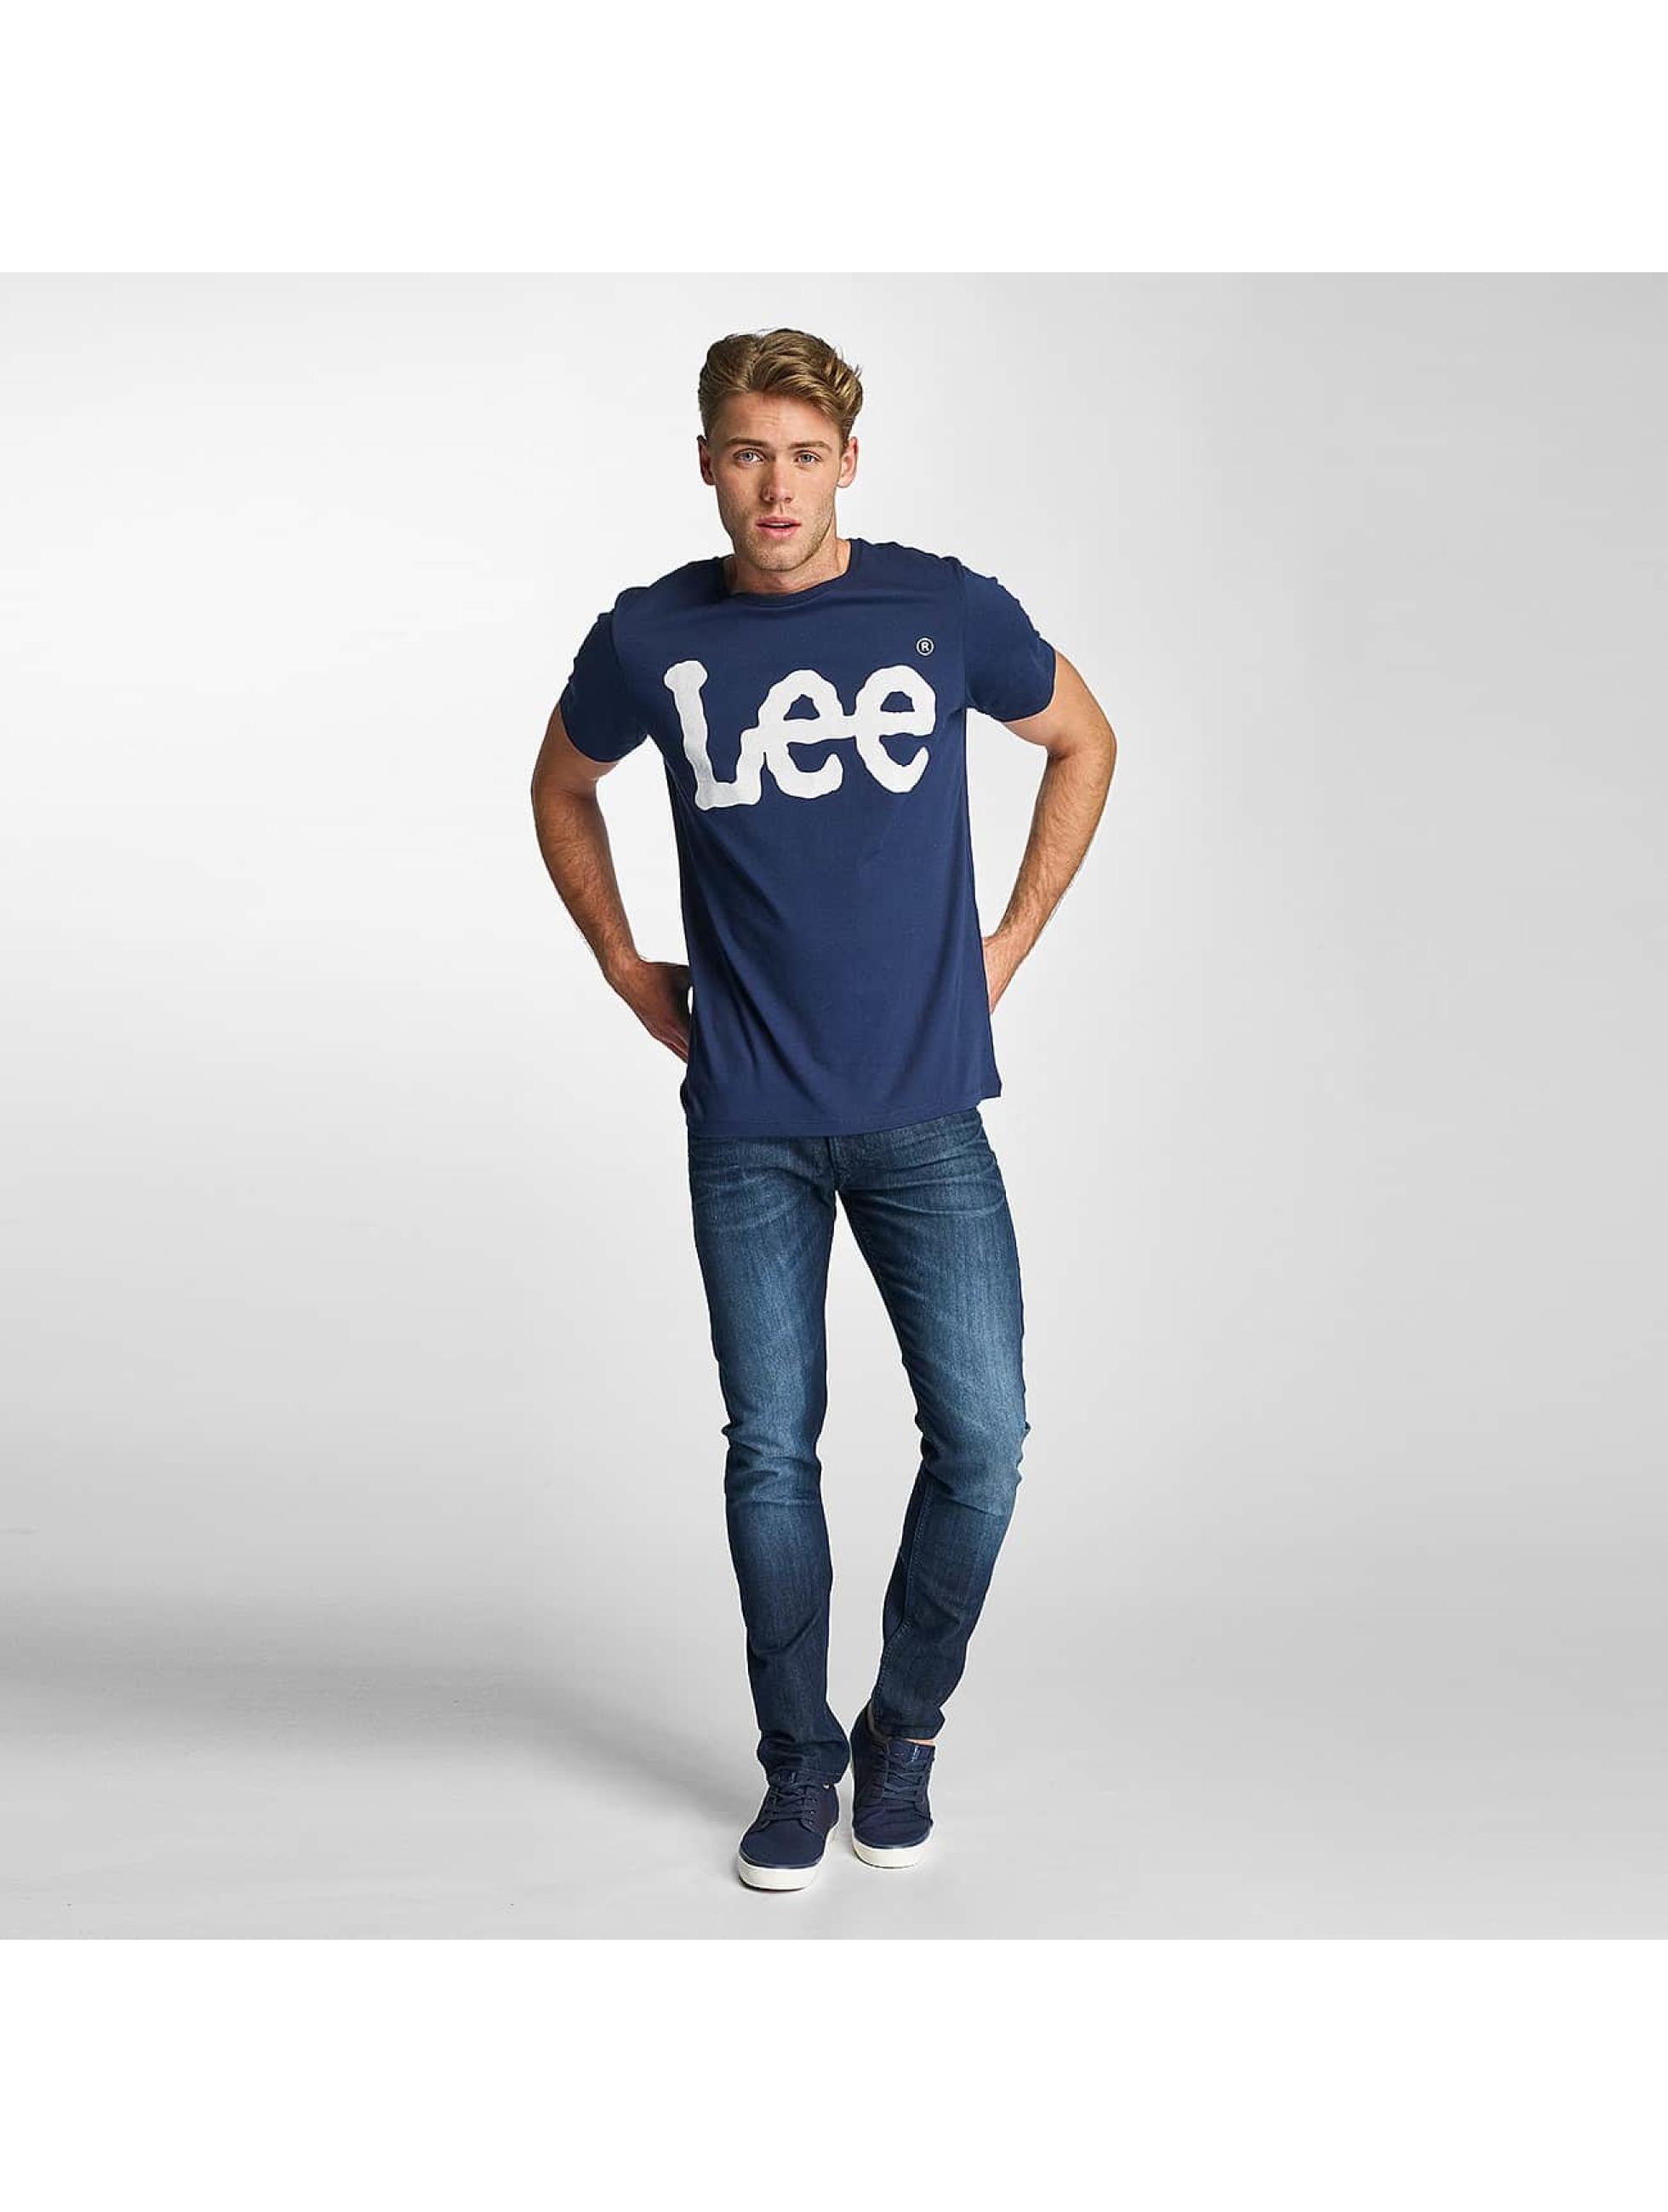 Lee T-Shirt Logo bleu